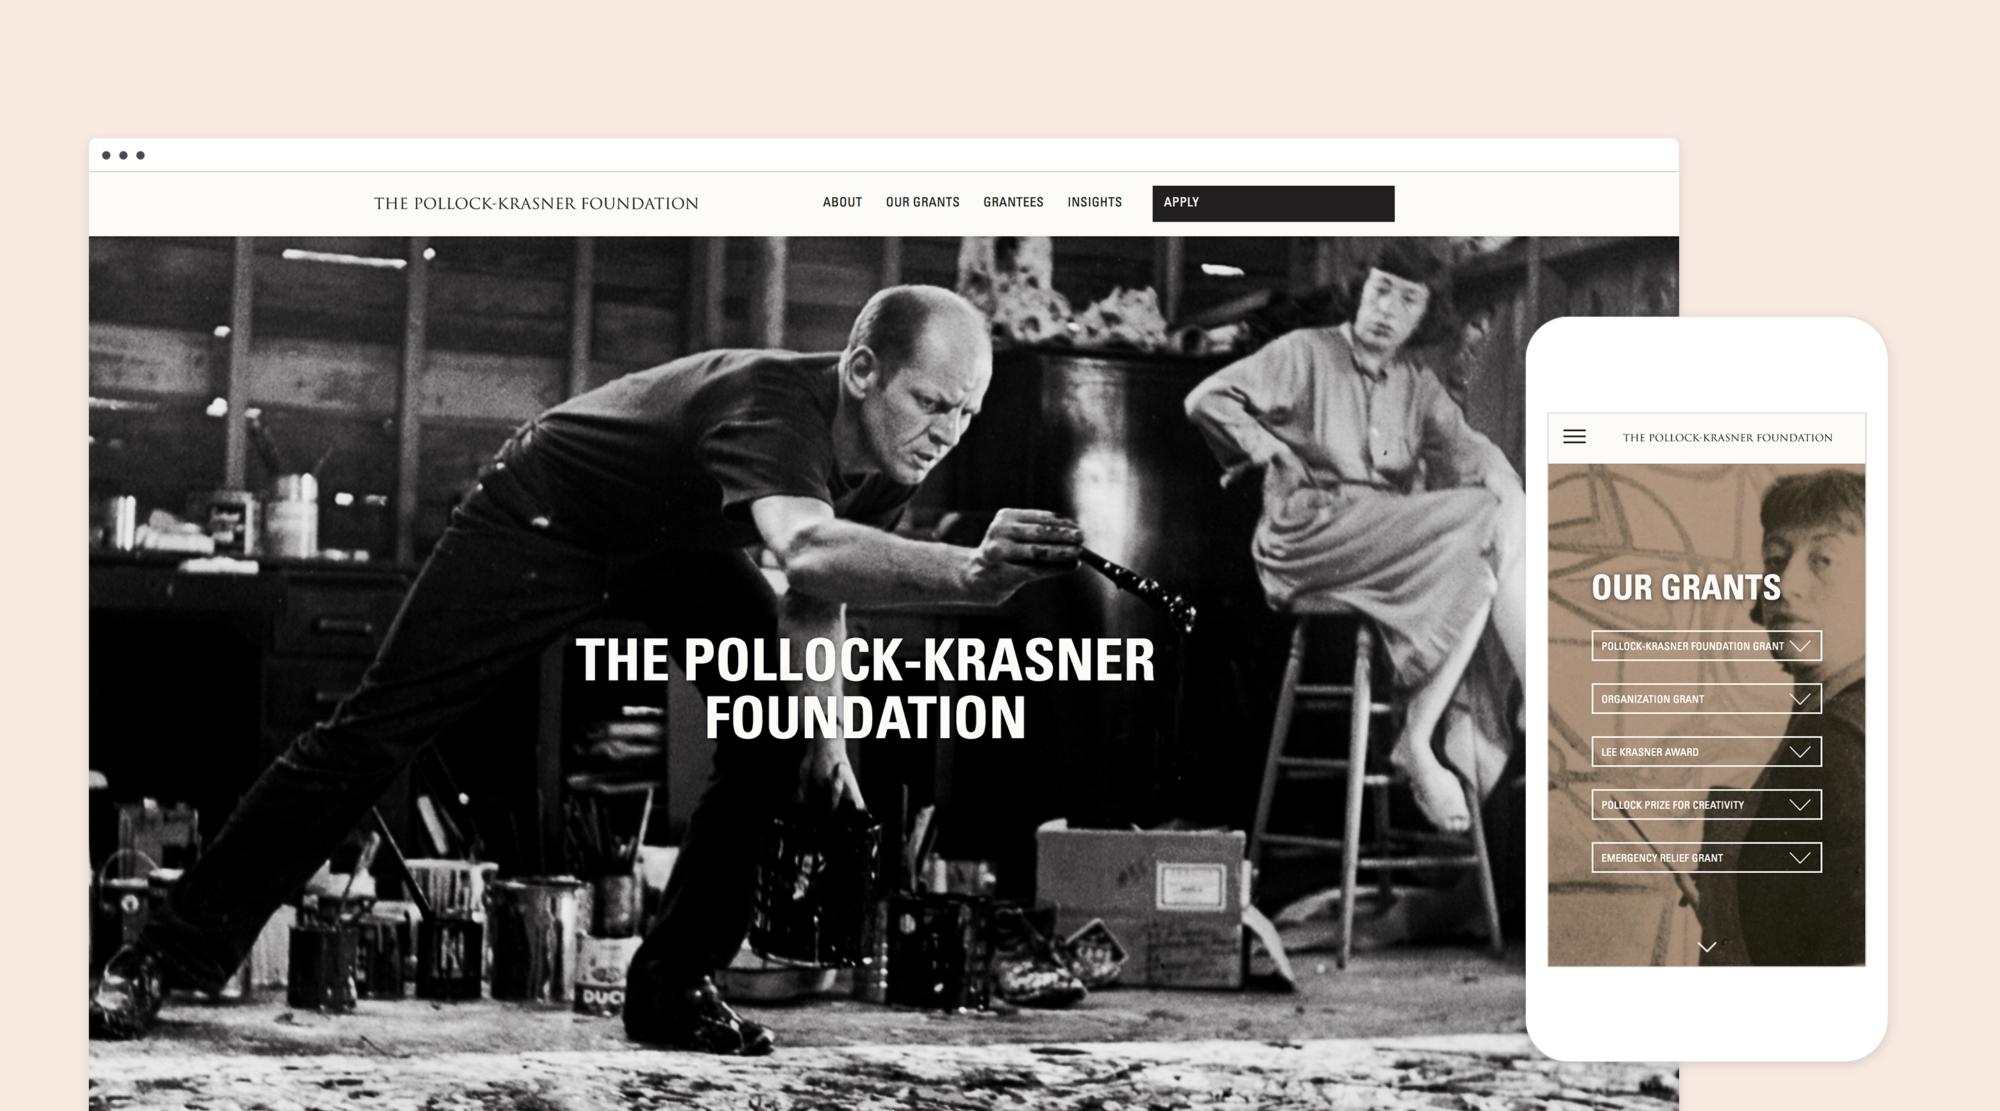 Mock up of responsive desktop and mobile design for the Pollock-Krasner Foundation's website redesign